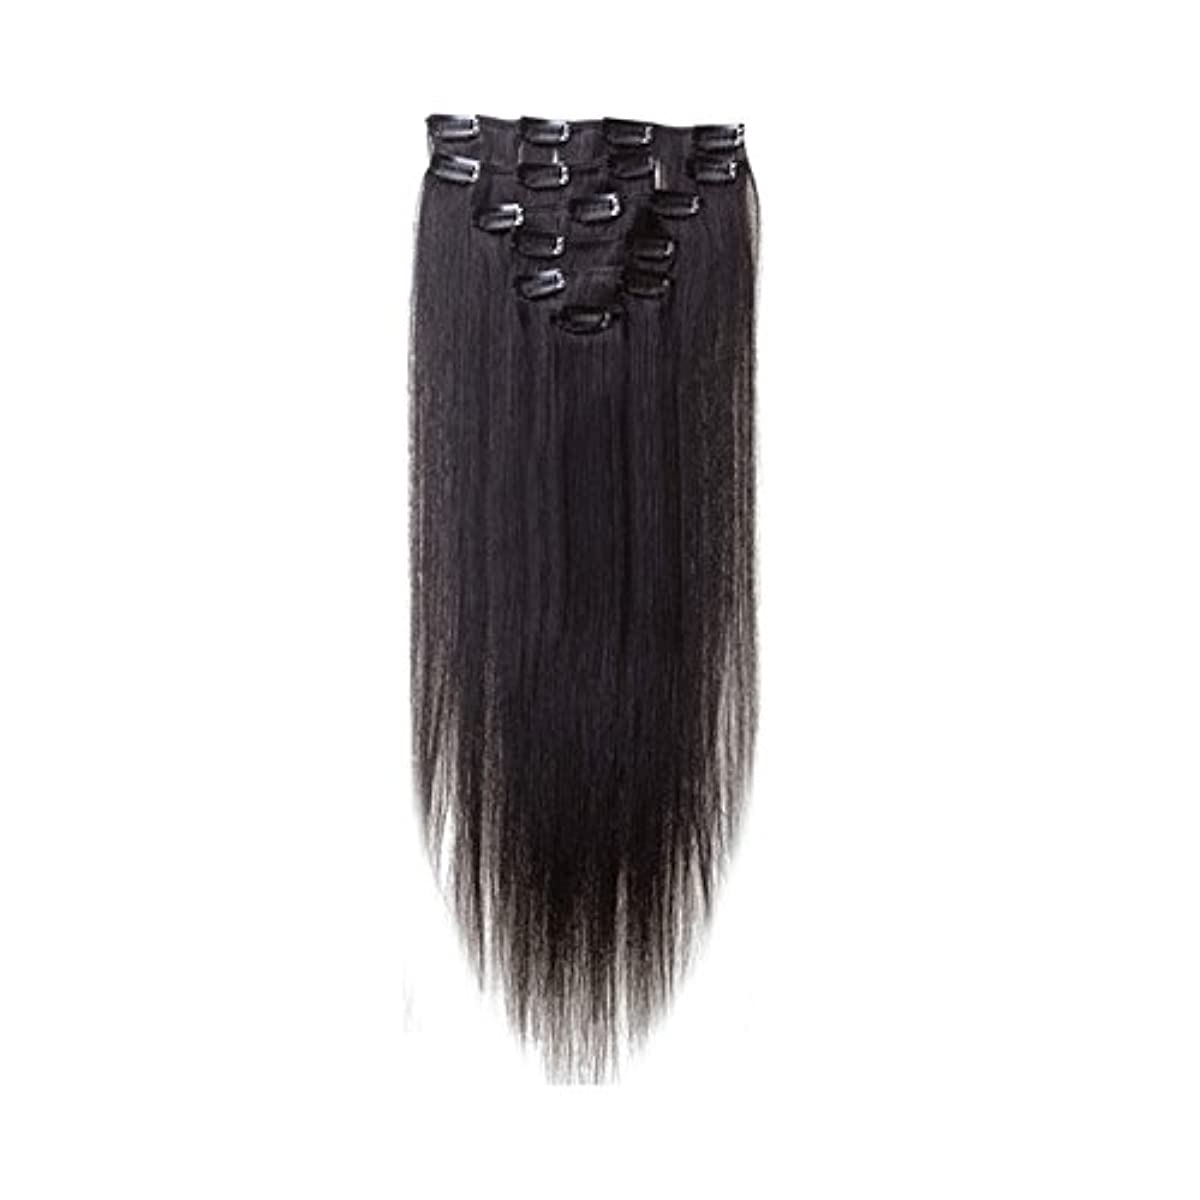 フェリーページ腸ヘアエクステンション,SODIAL(R) 女性の人間の髪 クリップインヘアエクステンション 7件 70g 15インチ ナチュラルブラック